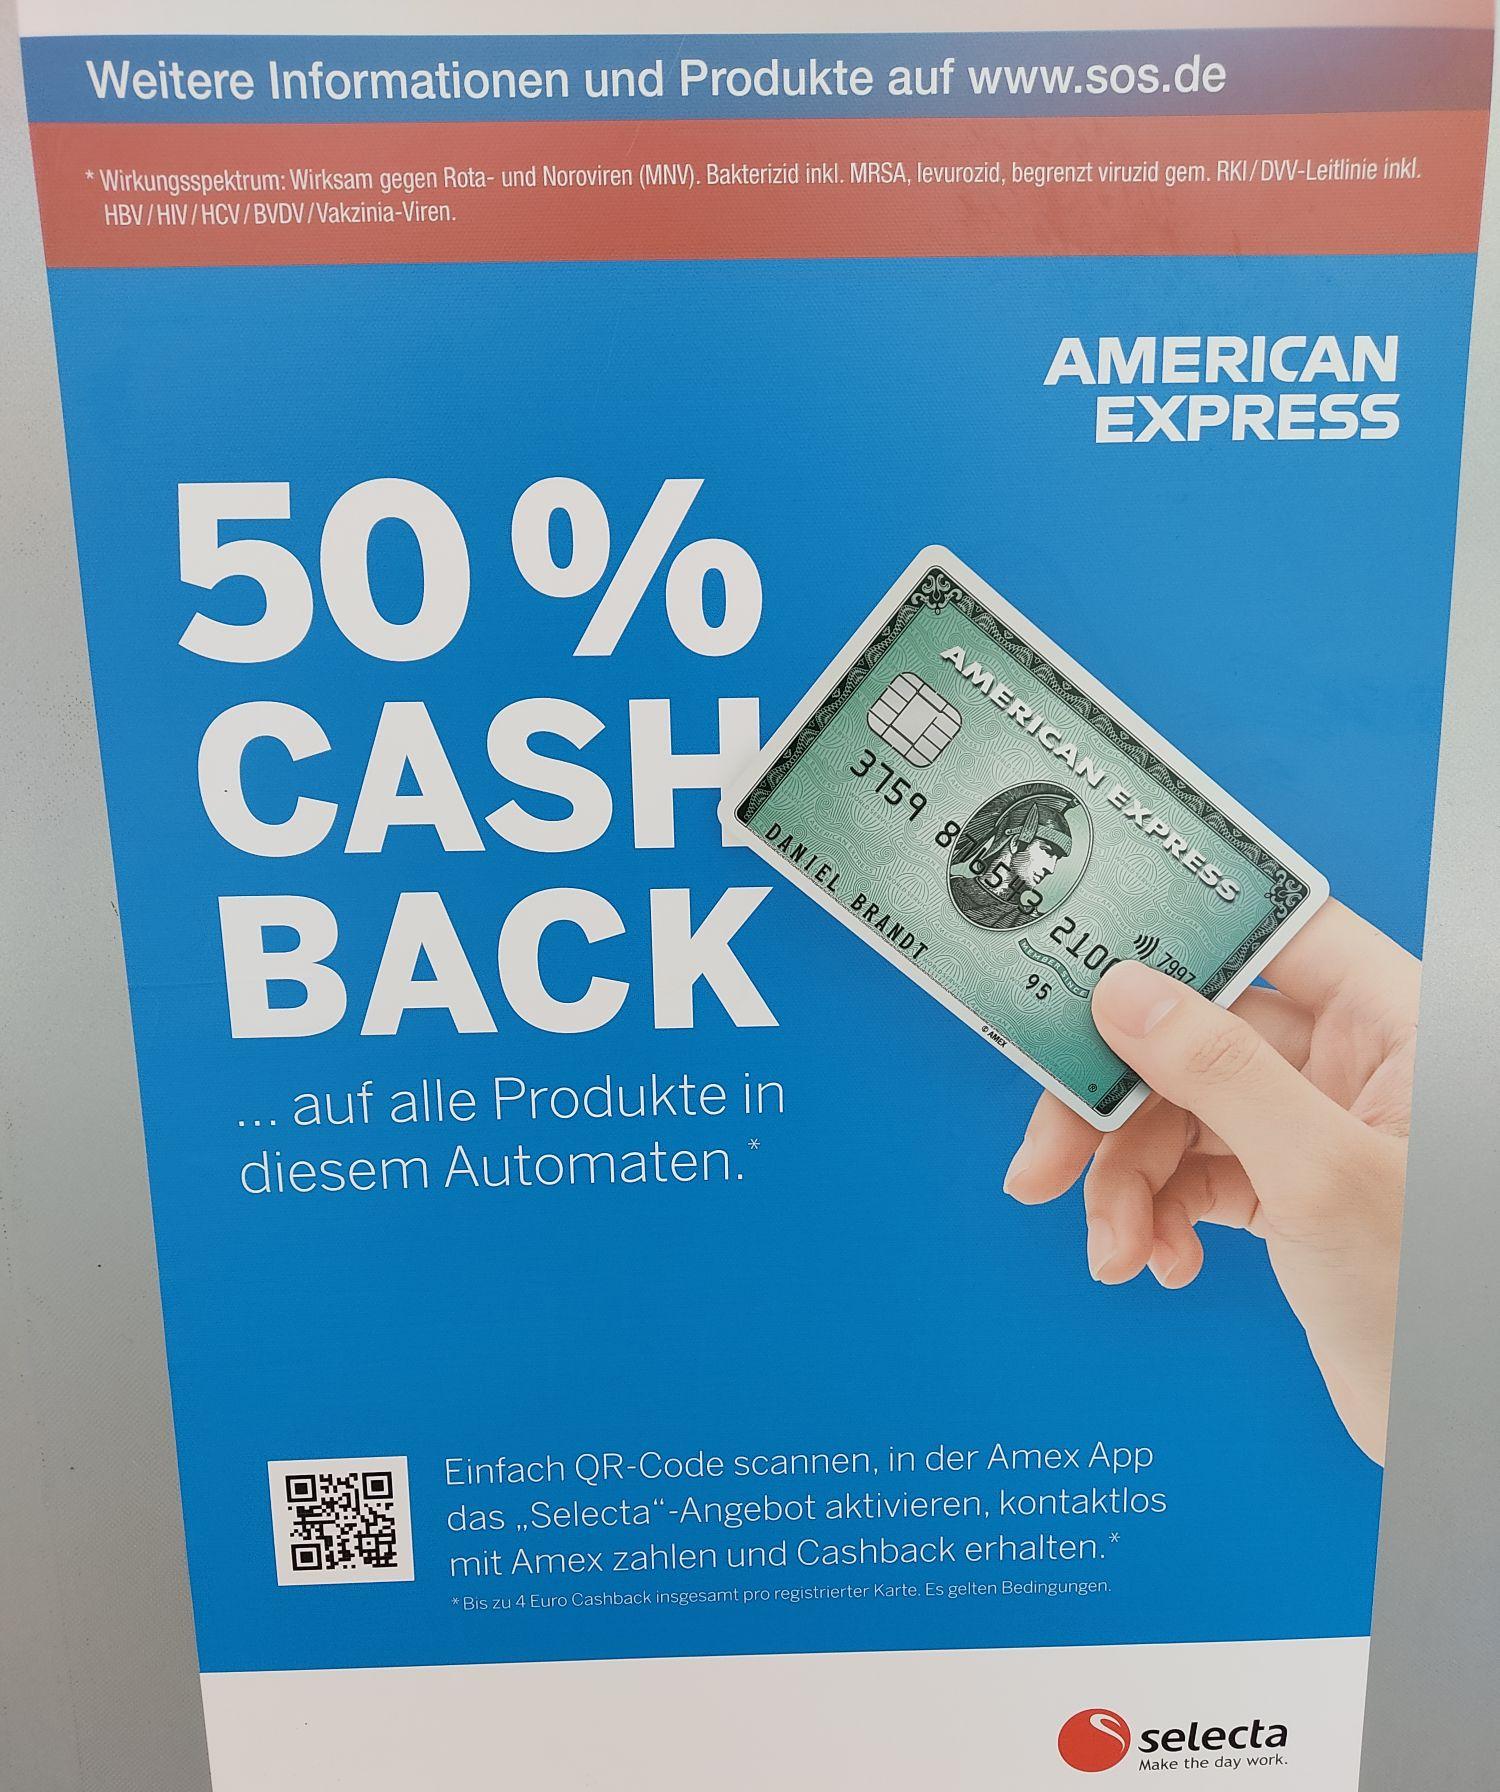 50% Cashback auf alle Produkte an den Selecta Bahnhofsautomaten für Amex Card Inhaber plus Sonderaktion 2 für 1.80€